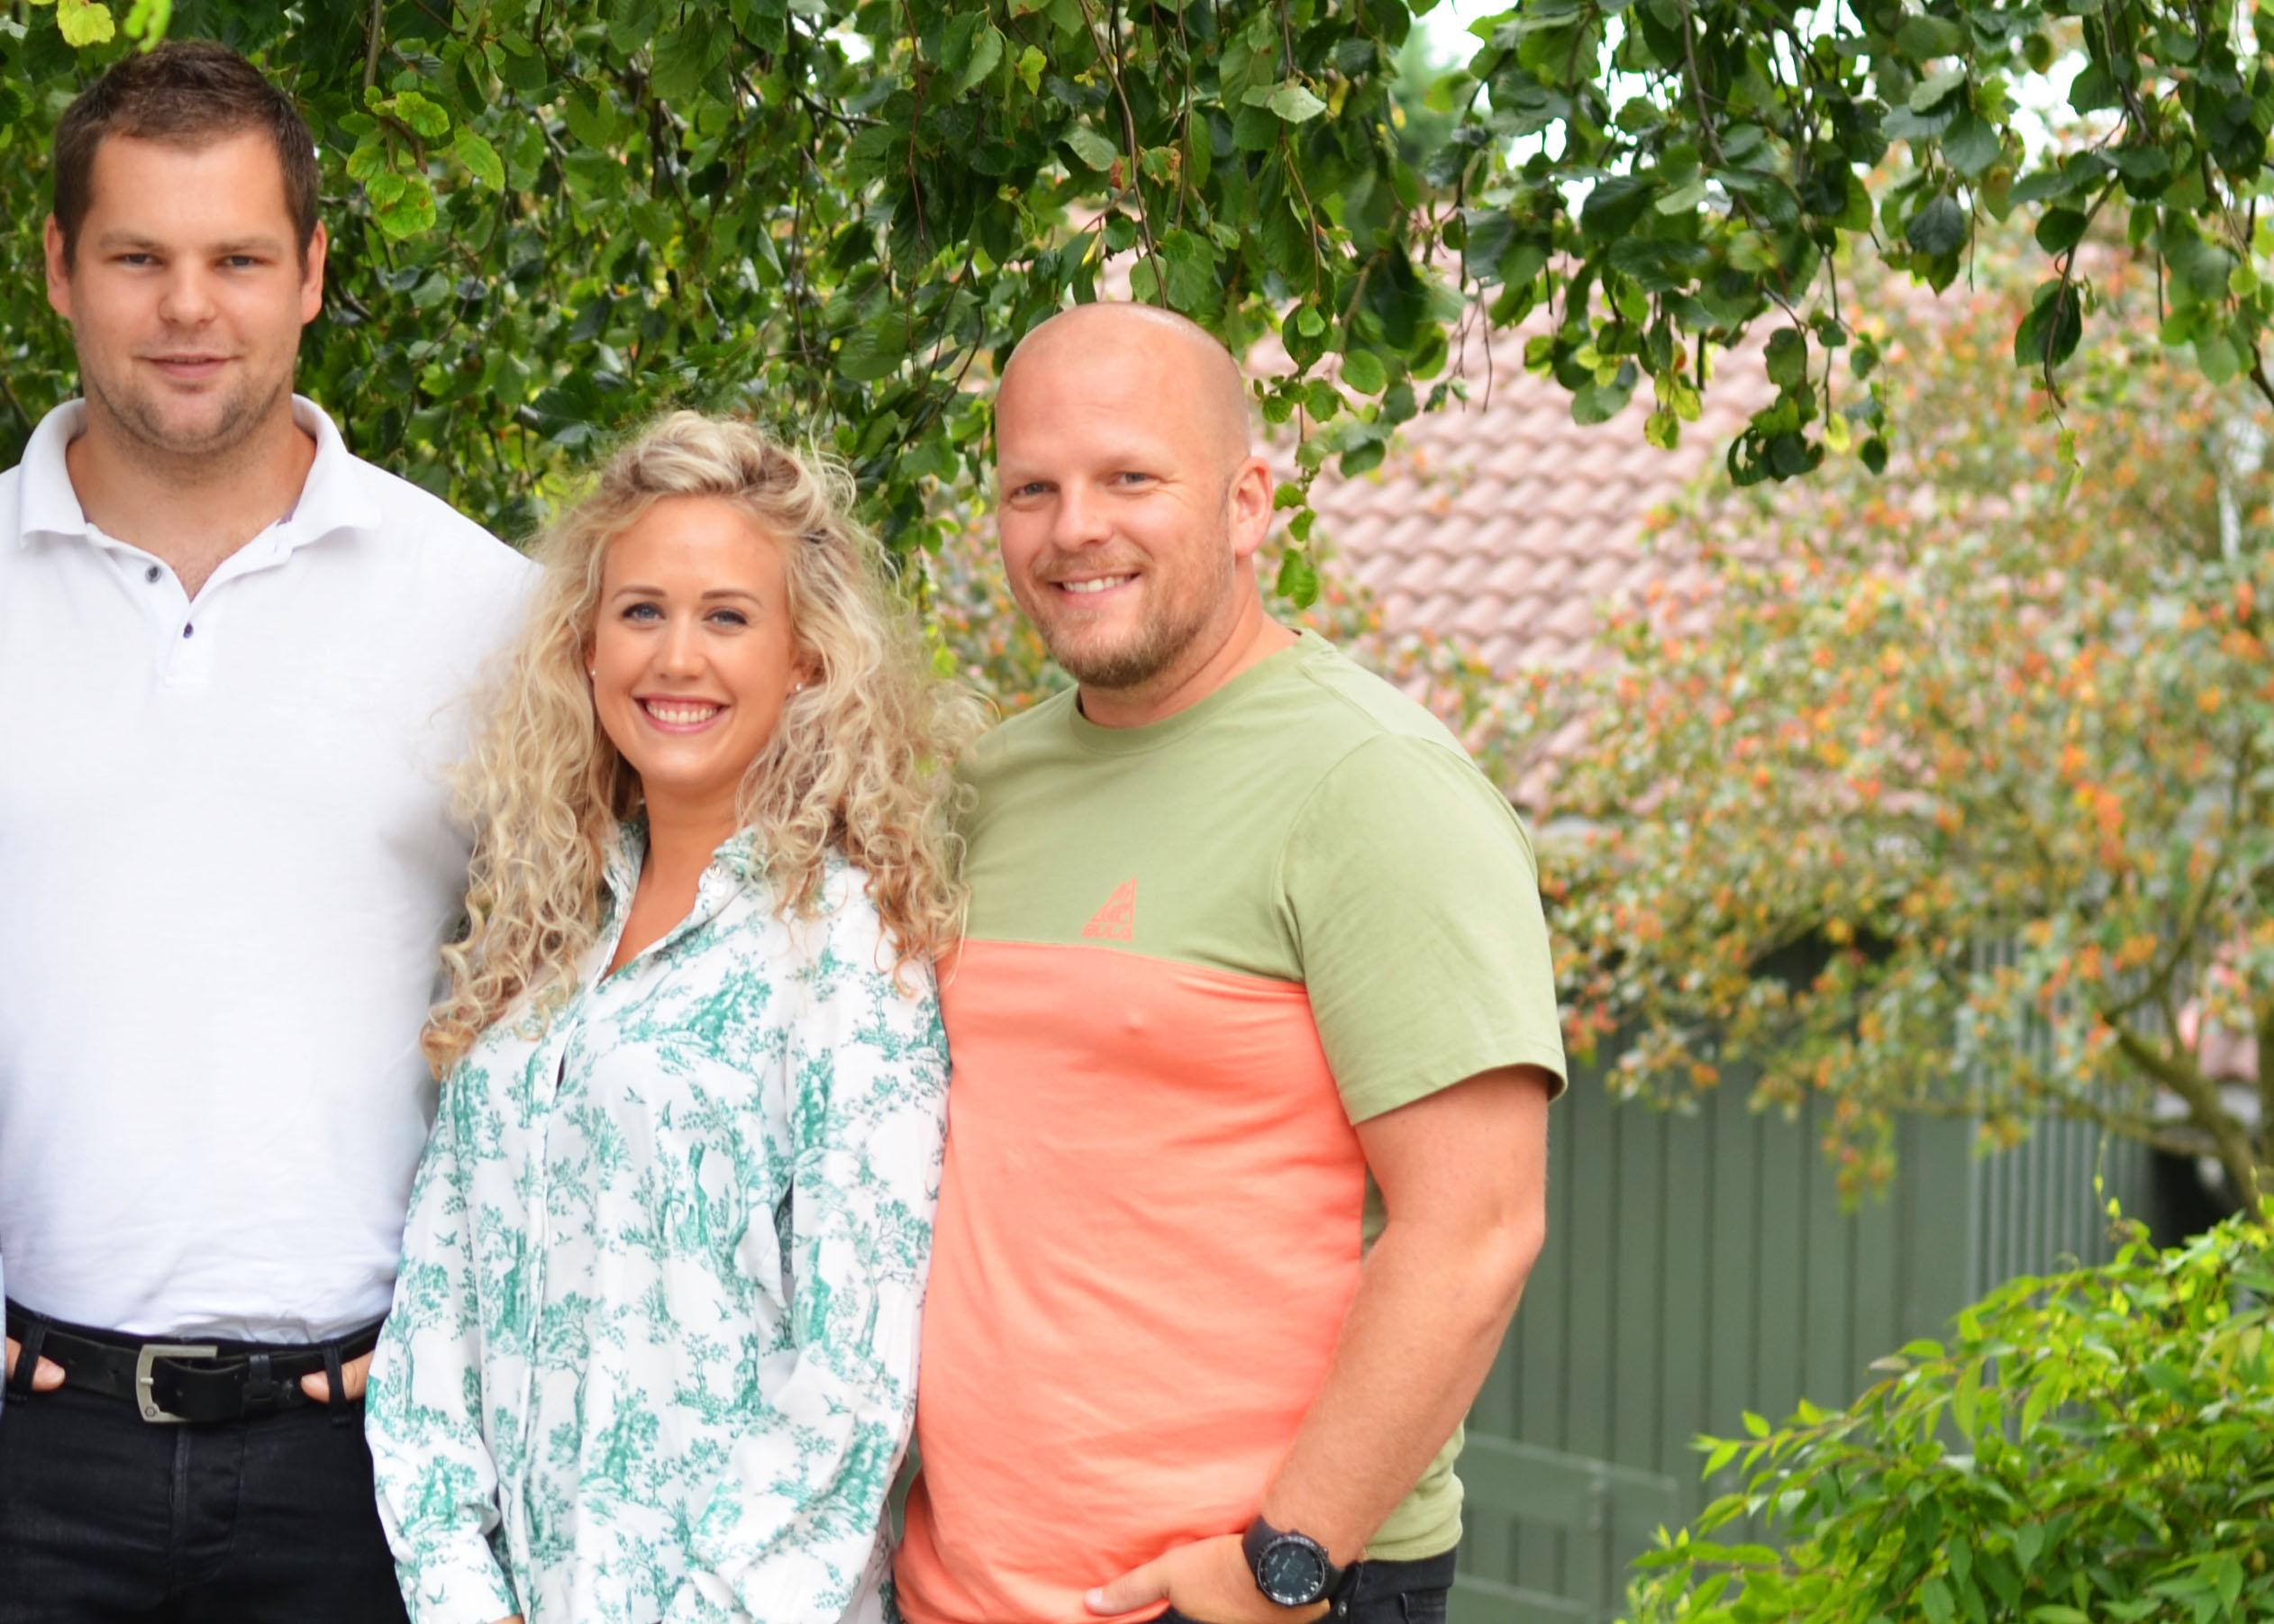 Rekrutteringskontakt i NAV Klepp-Time, Håvard Barene og ungdomsveileder i NAV, Mari Linn Ueland og Tommy Thidesen i NAV Klepp-Time.